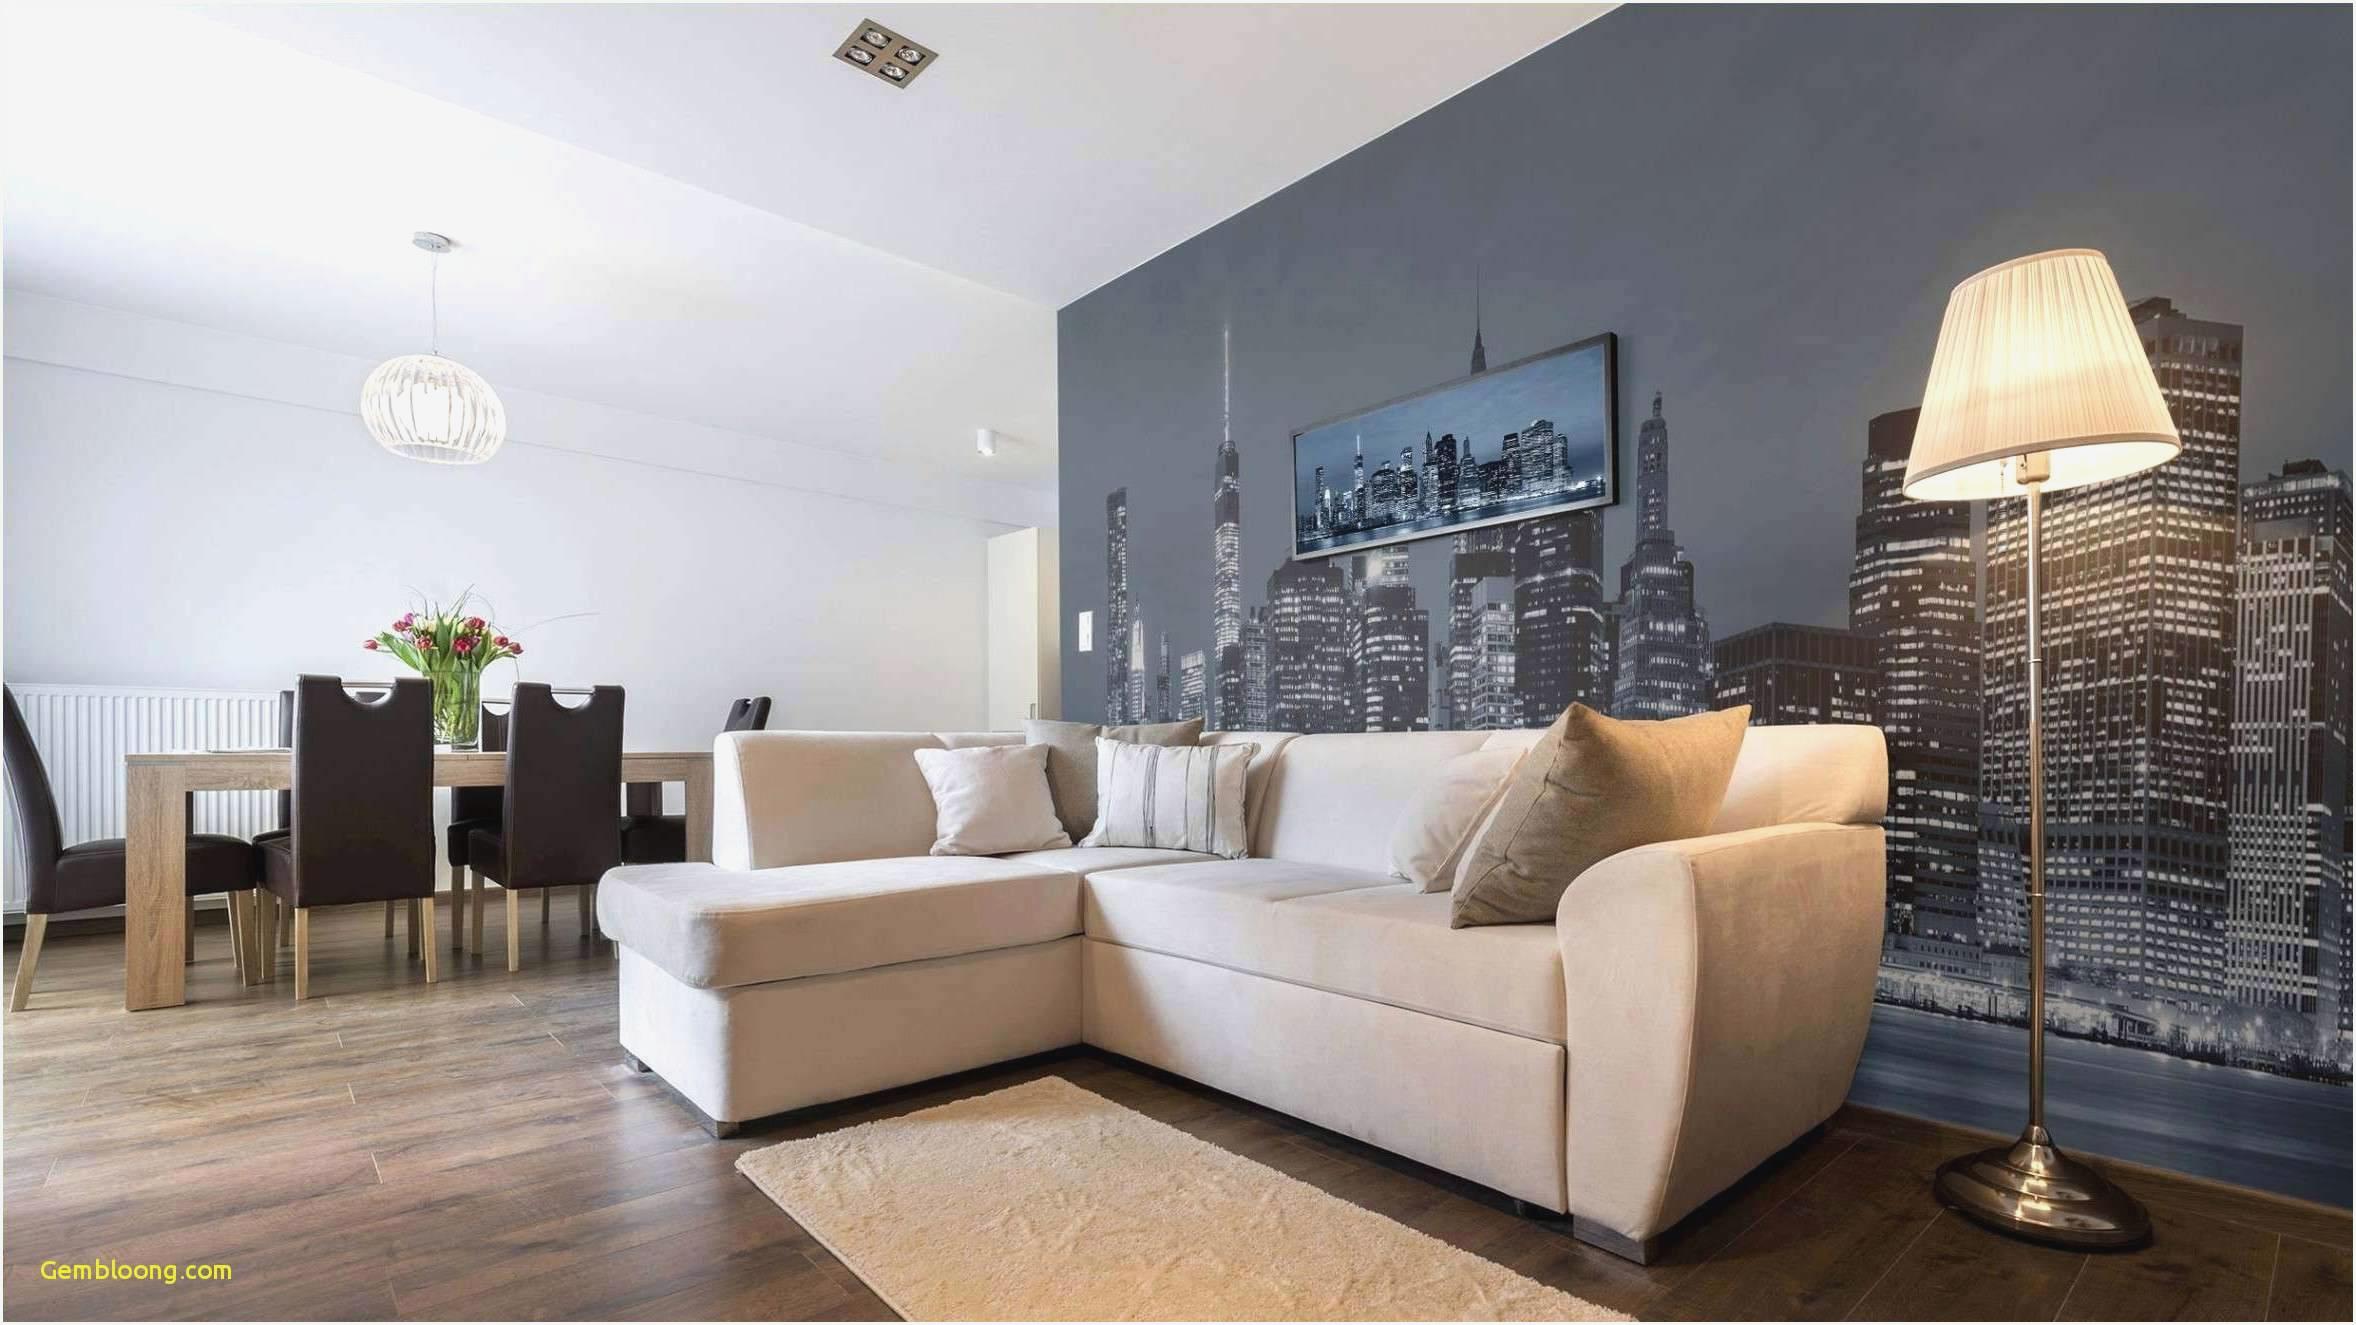 wohnzimmer deko dekoration mit kupfer